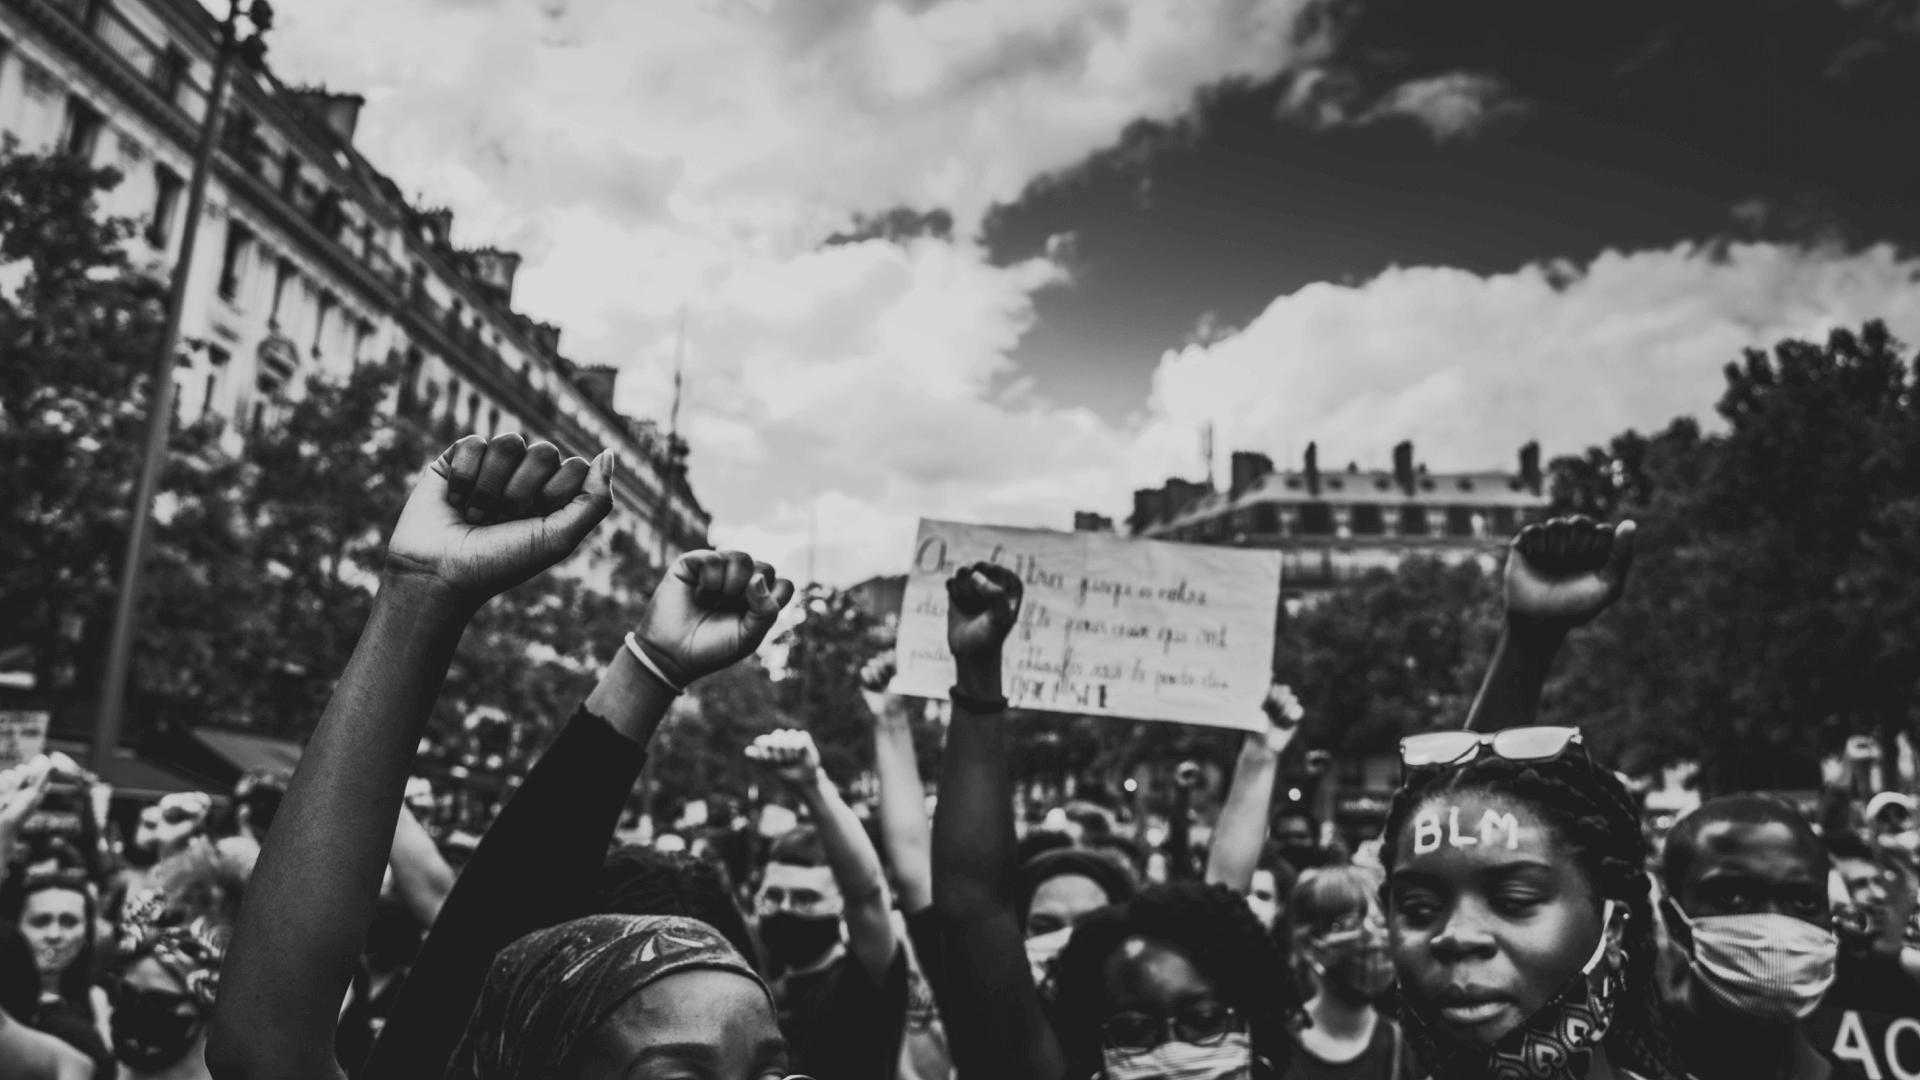 black-lives-matter-hip-hop-rap